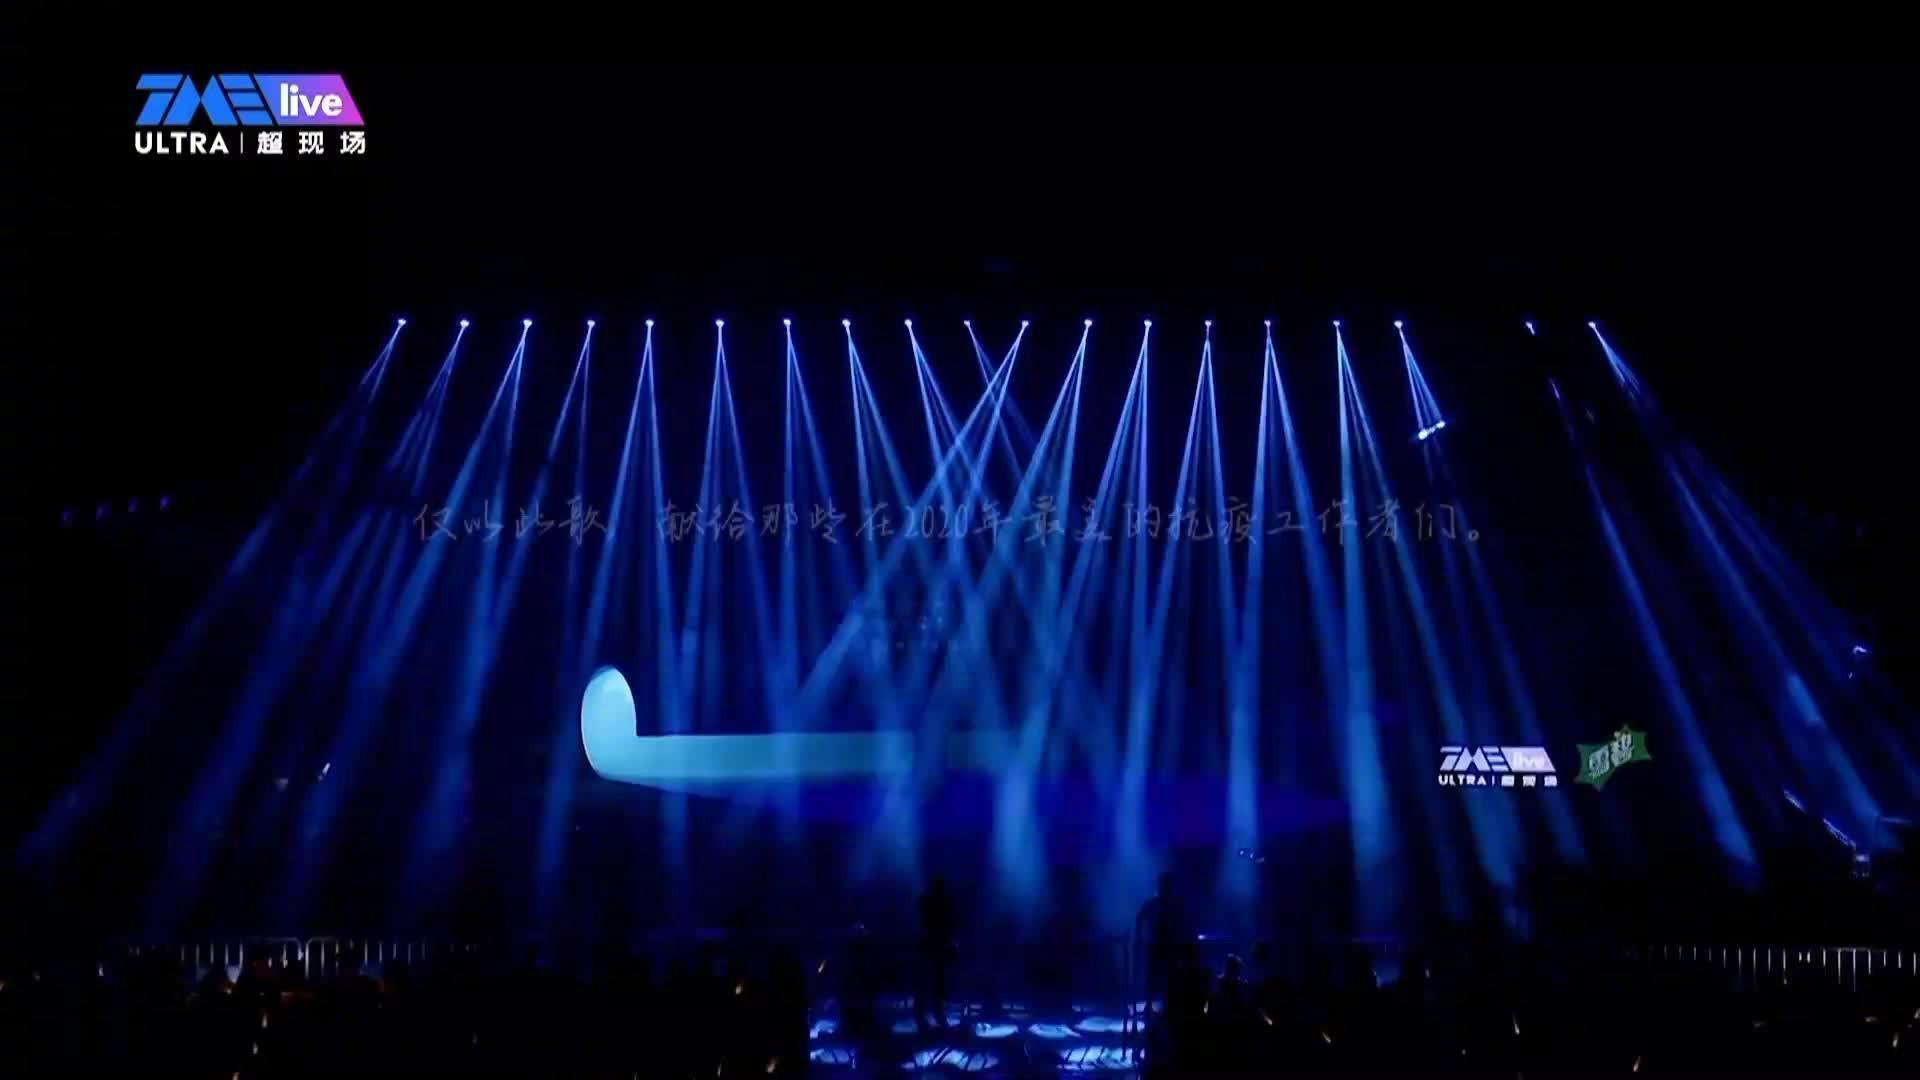 今晚,一曲《无问》在的舞台上被@毛不易 深情唱起……